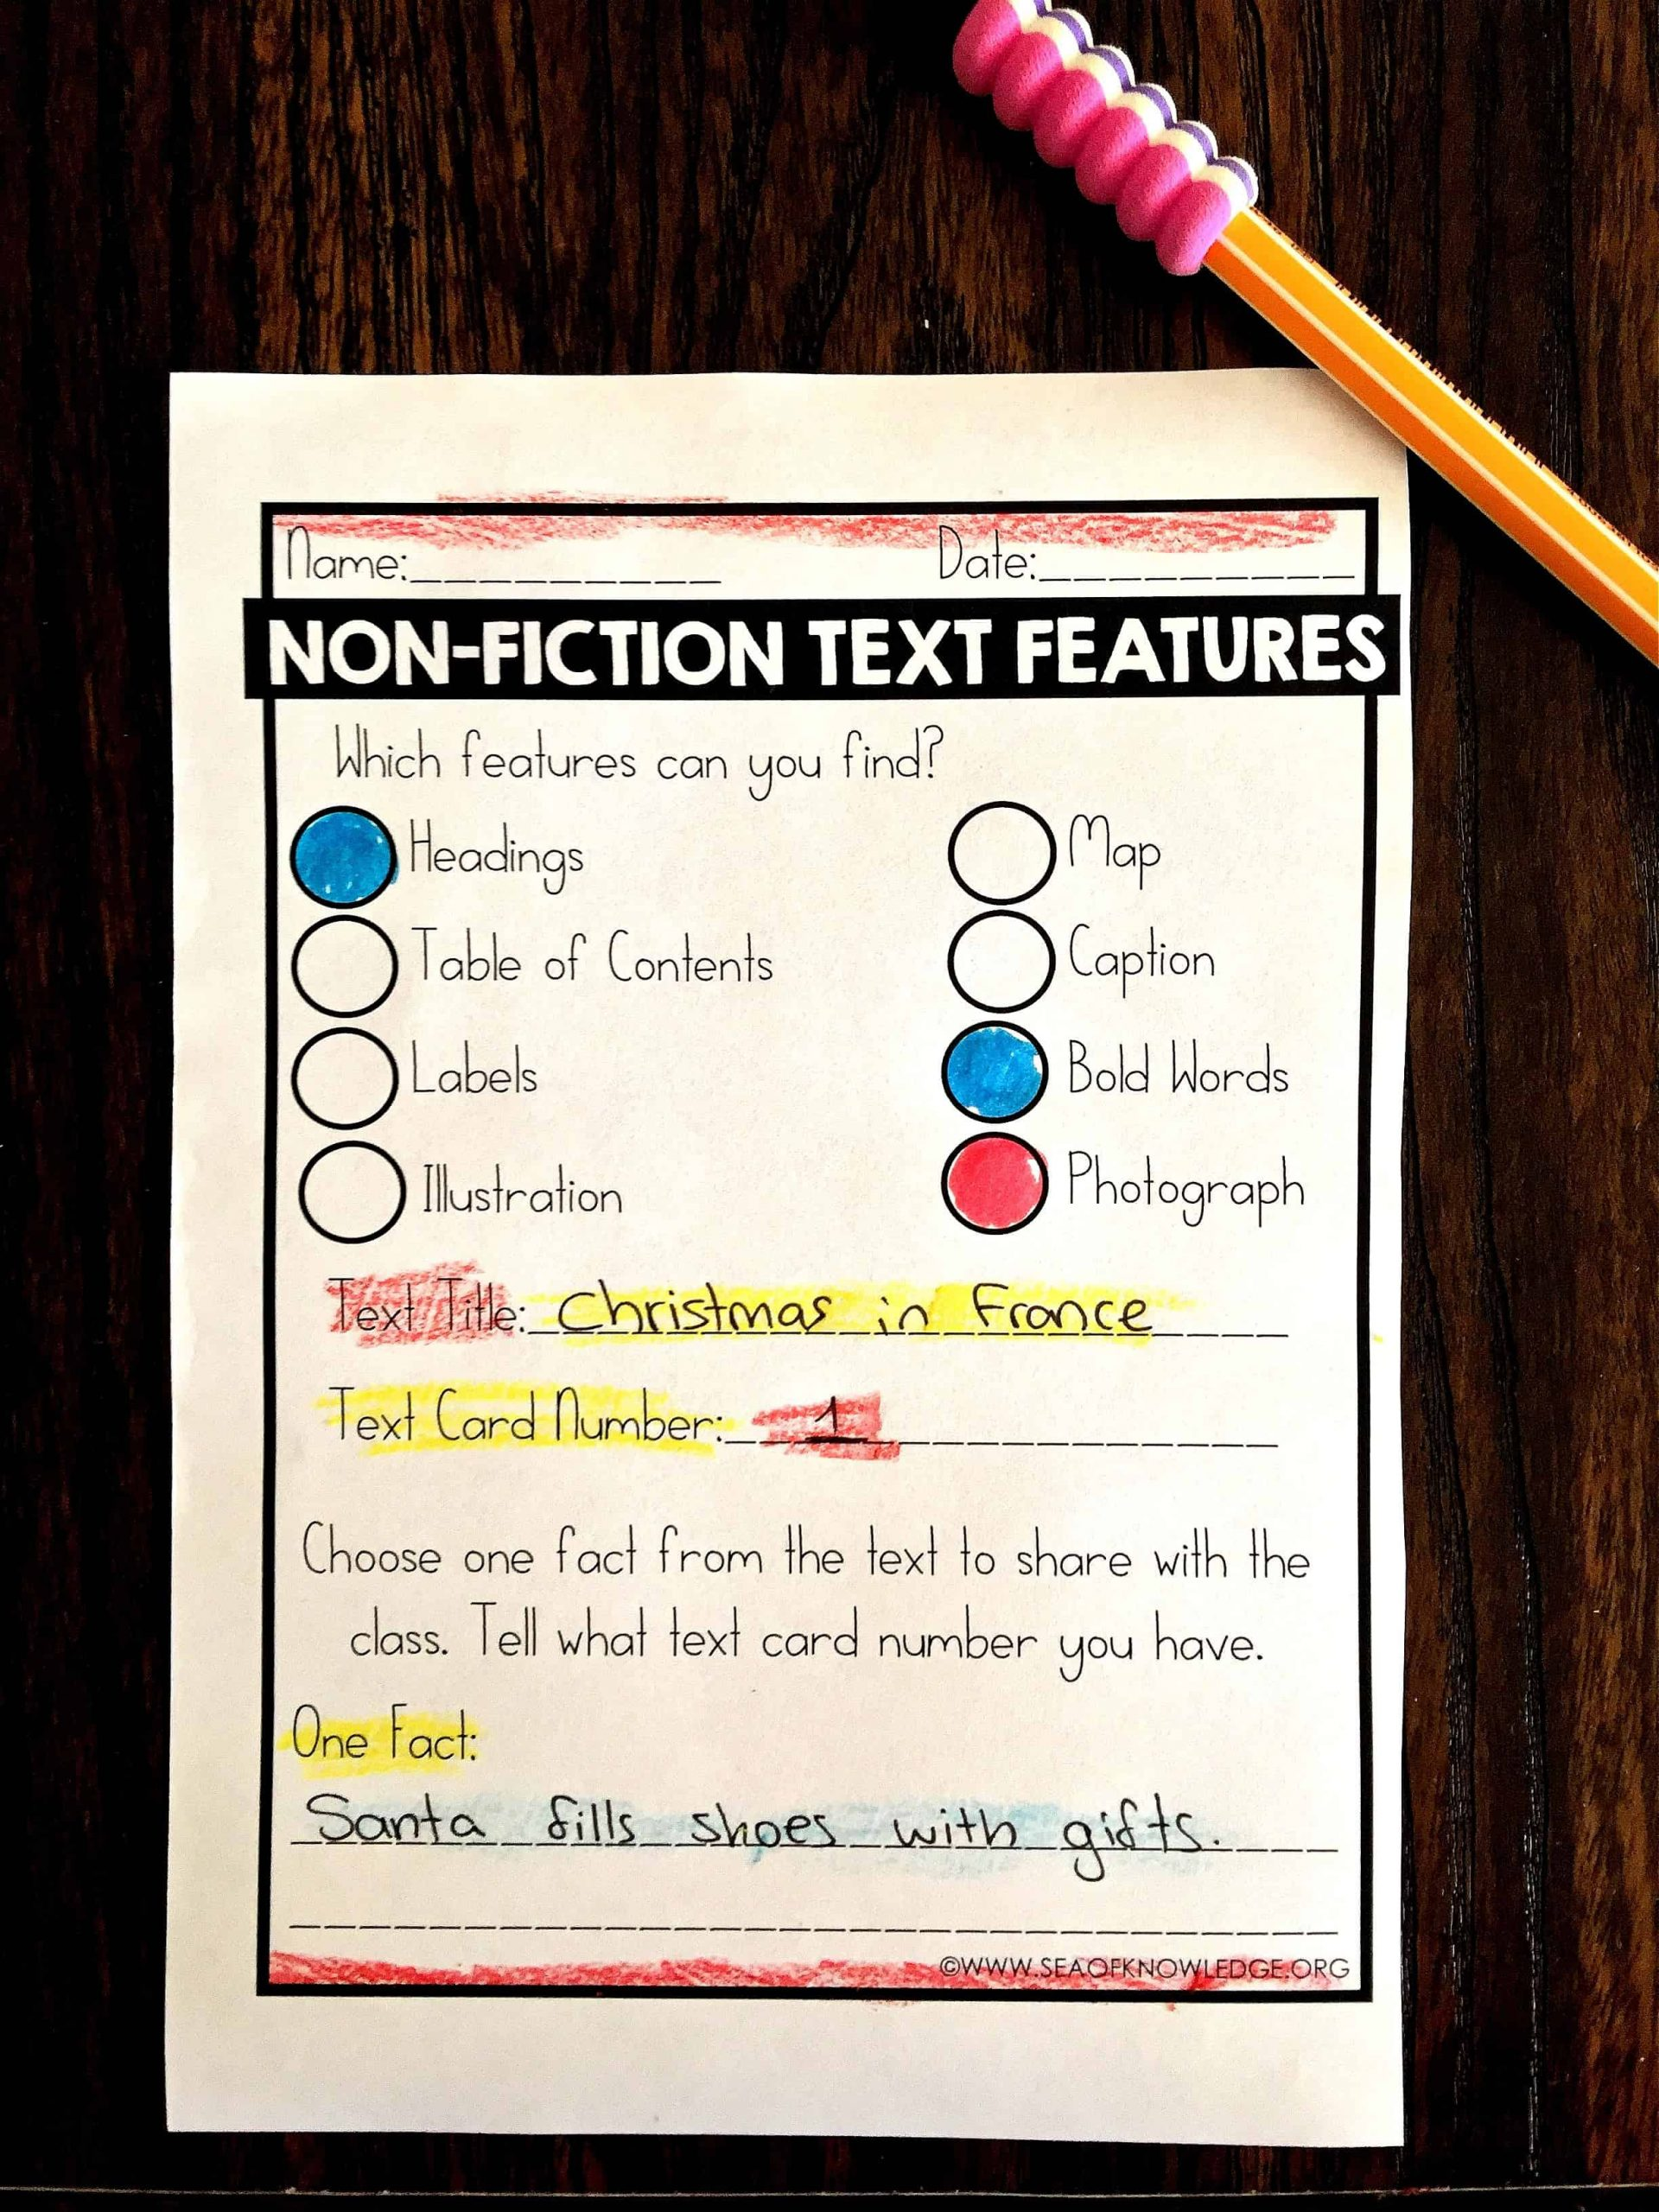 Nonfiction Text Features Worksheet Nonfiction Text Features Worksheets Free Sea Of Knowledge